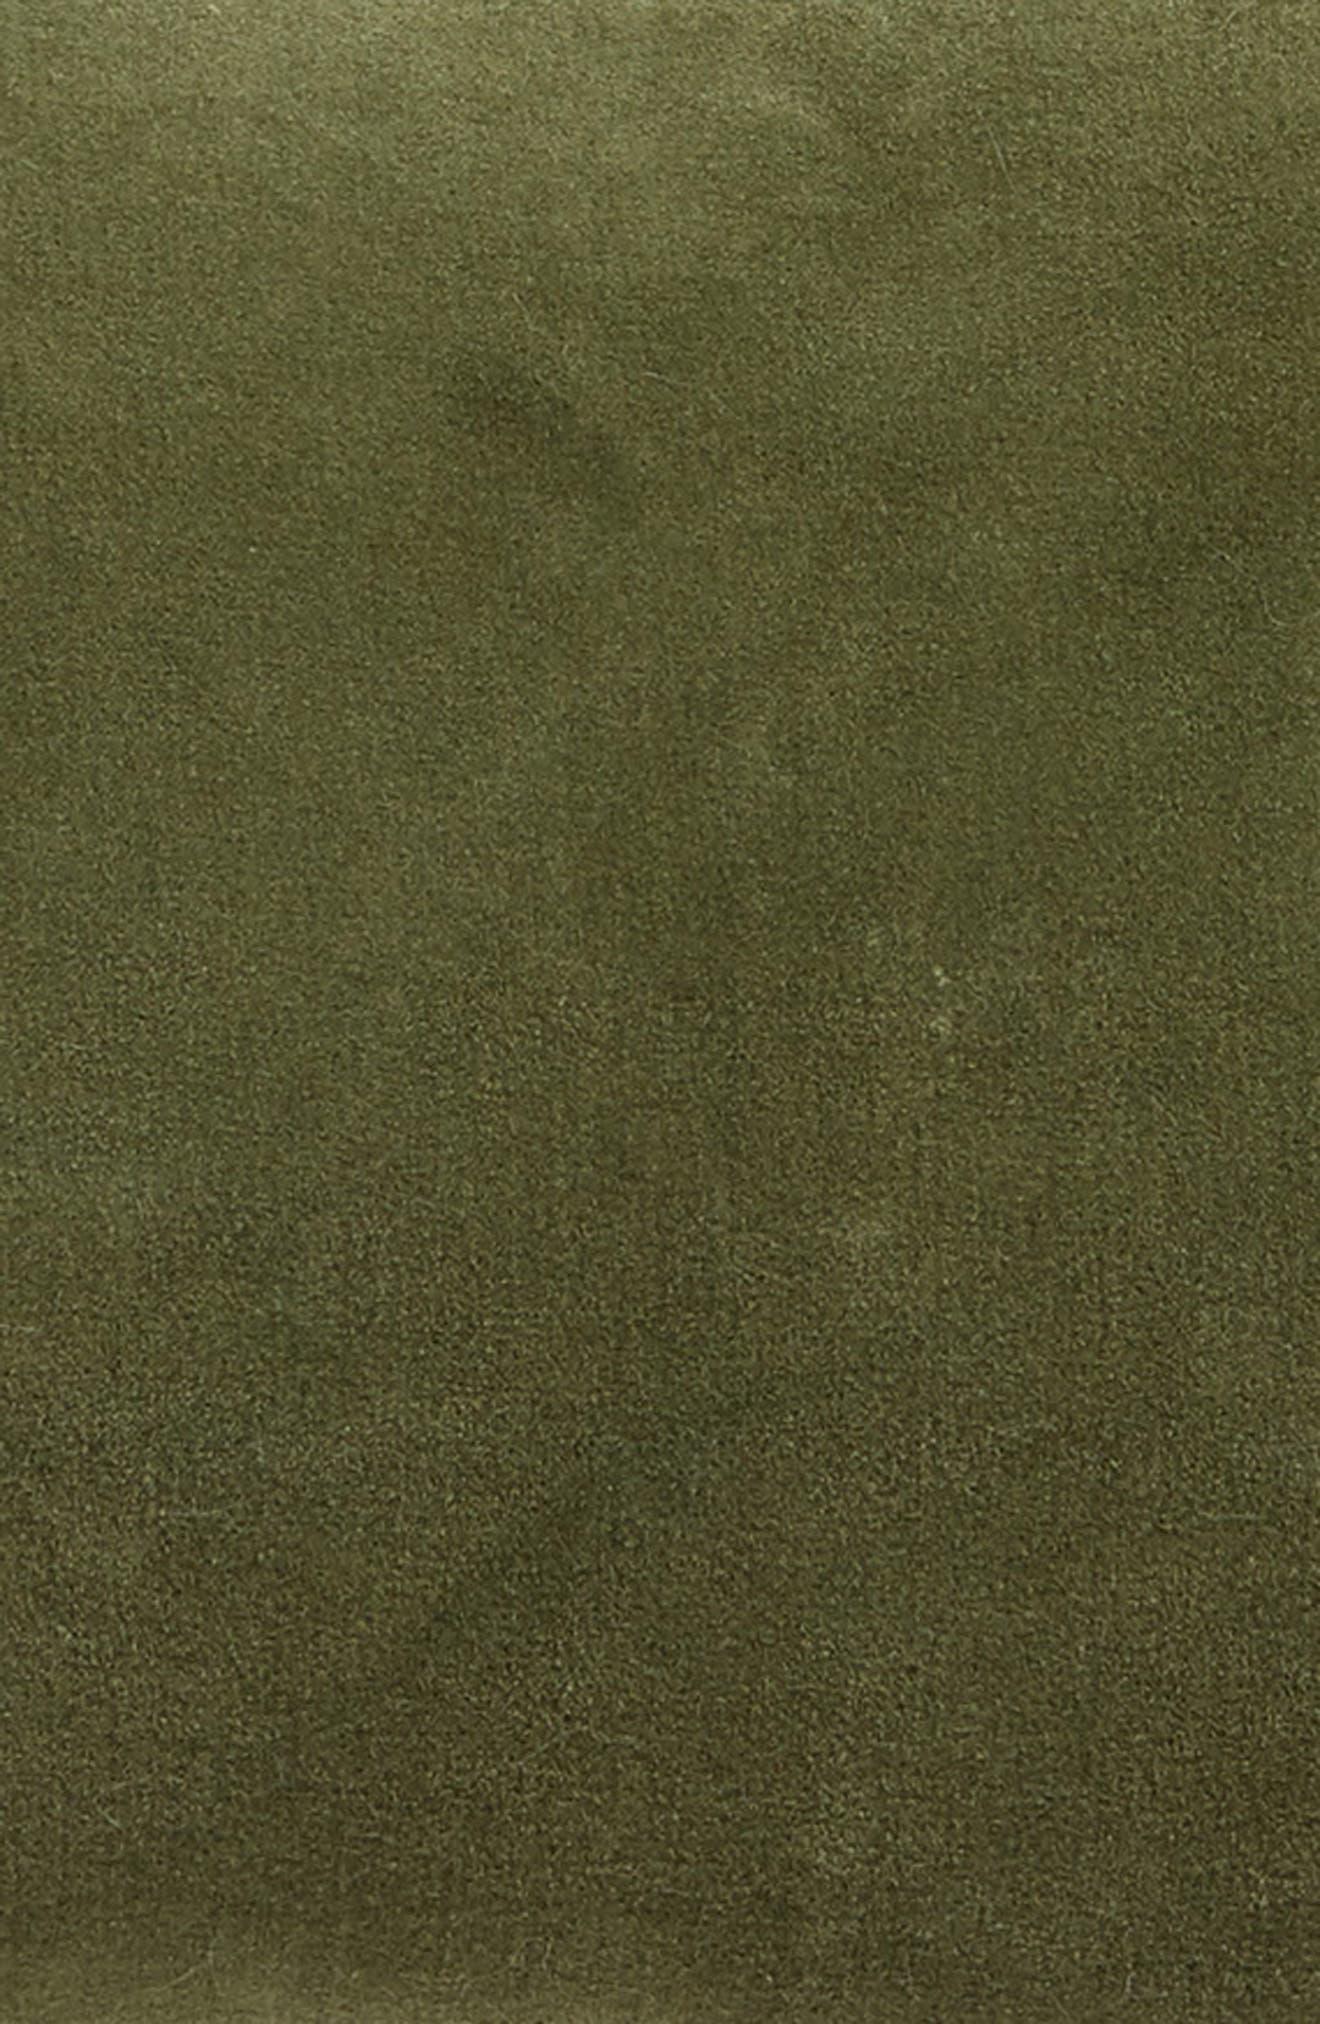 Velvet Accent Pillow,                             Alternate thumbnail 3, color,                             GREEN SORREL